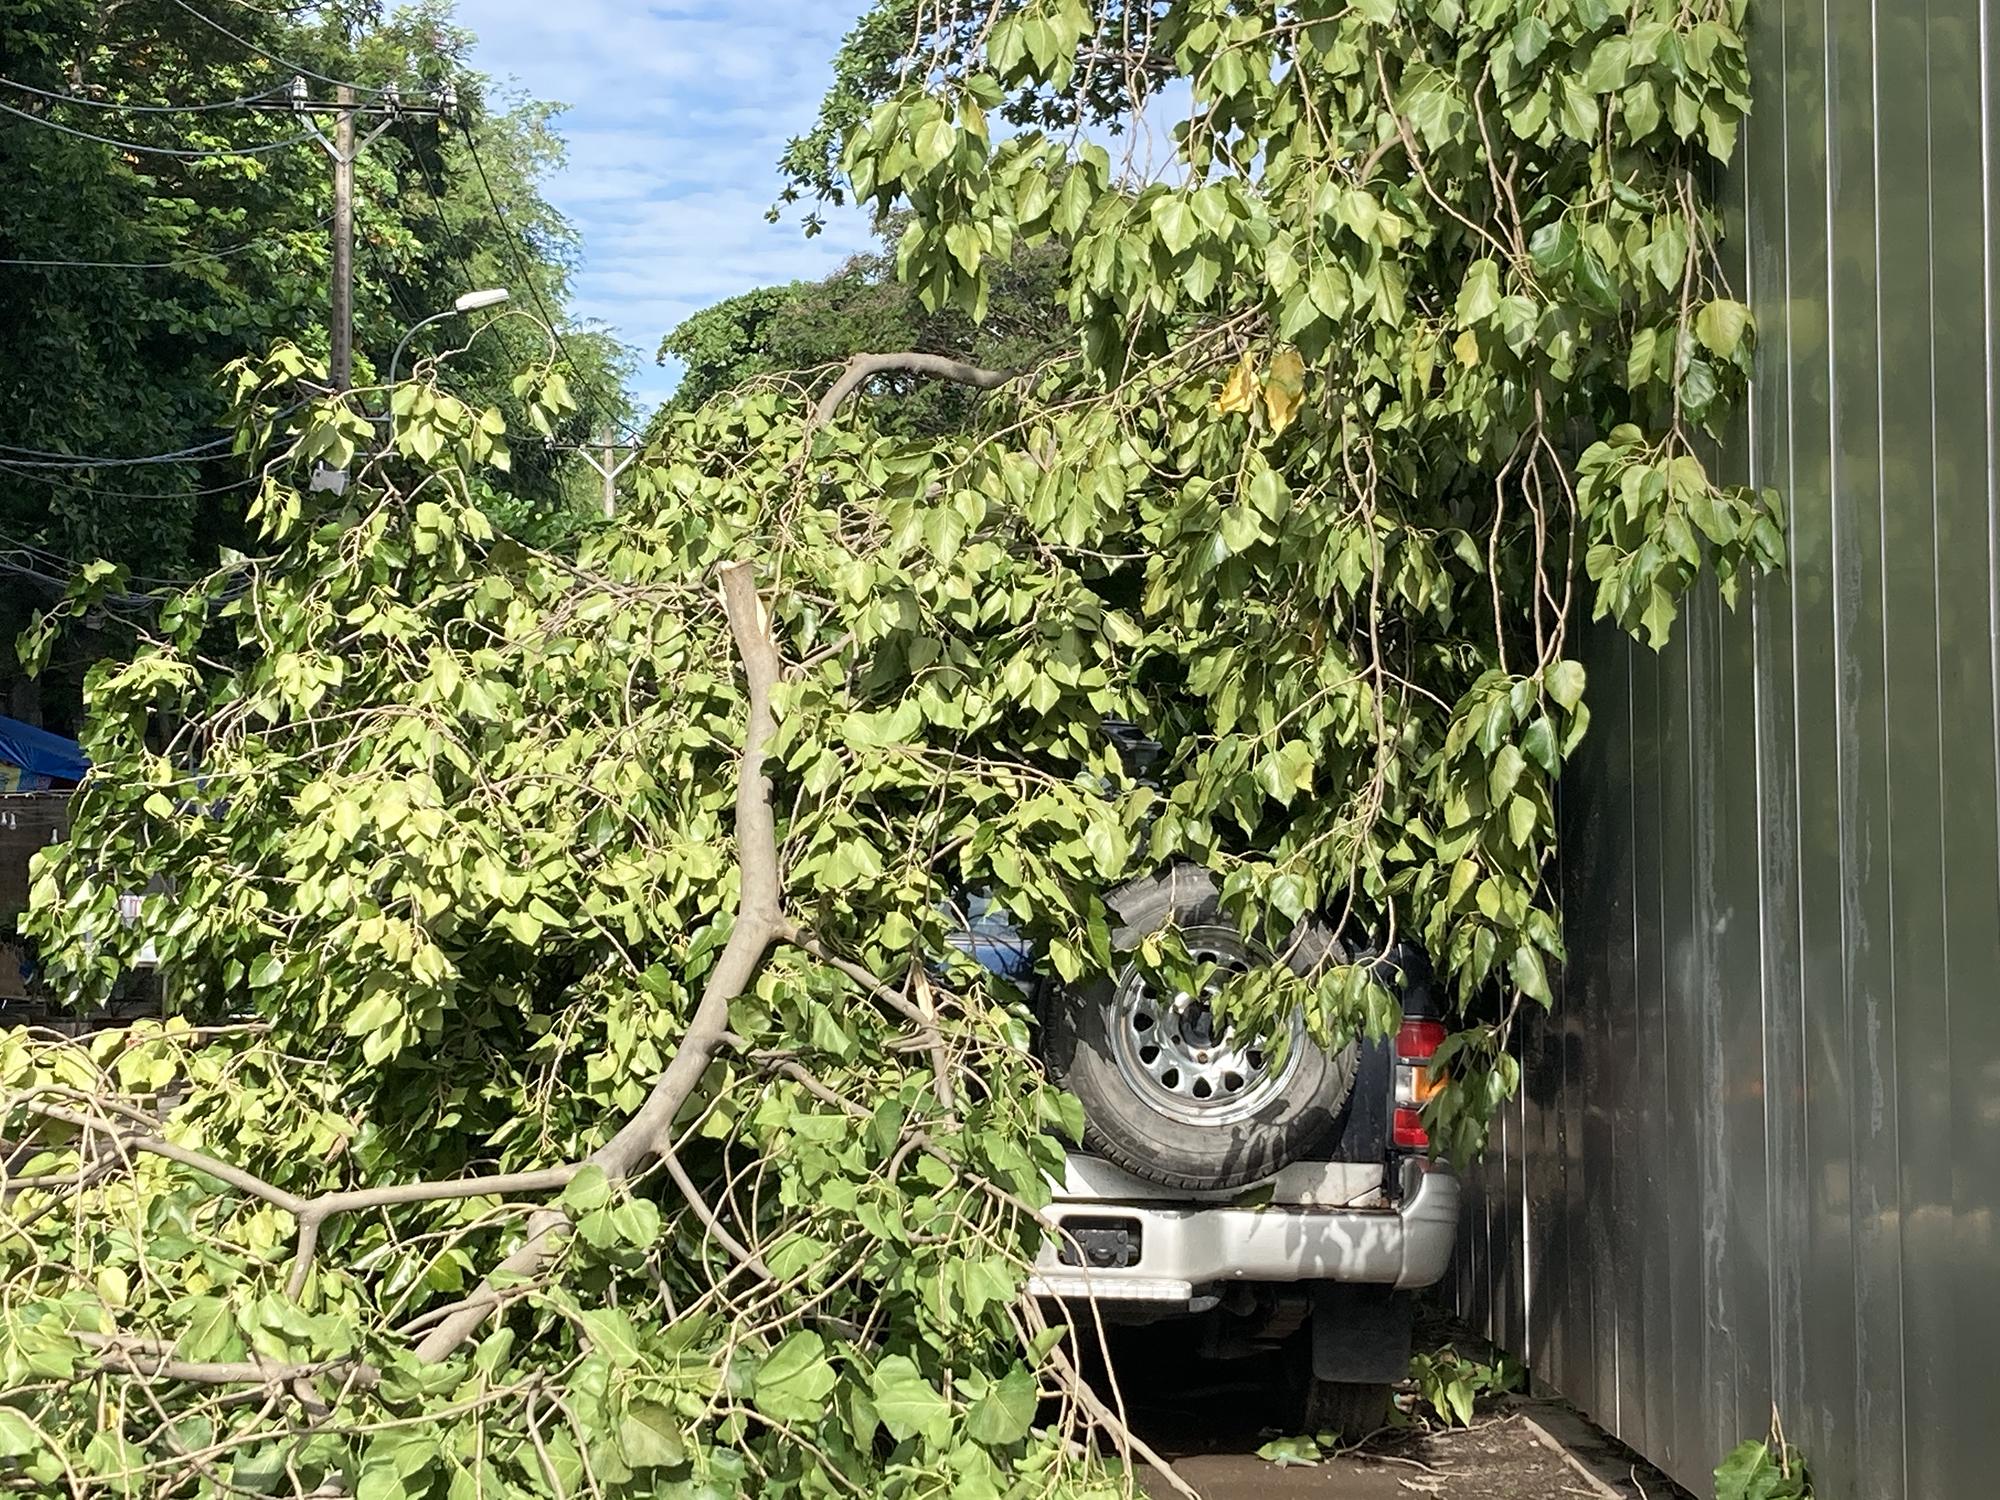 Một ôtô bị cành cây gãy, rơi xuống phủ kín sau trận gió lớn chiều 19/7. Ảnh: Phạm Trung